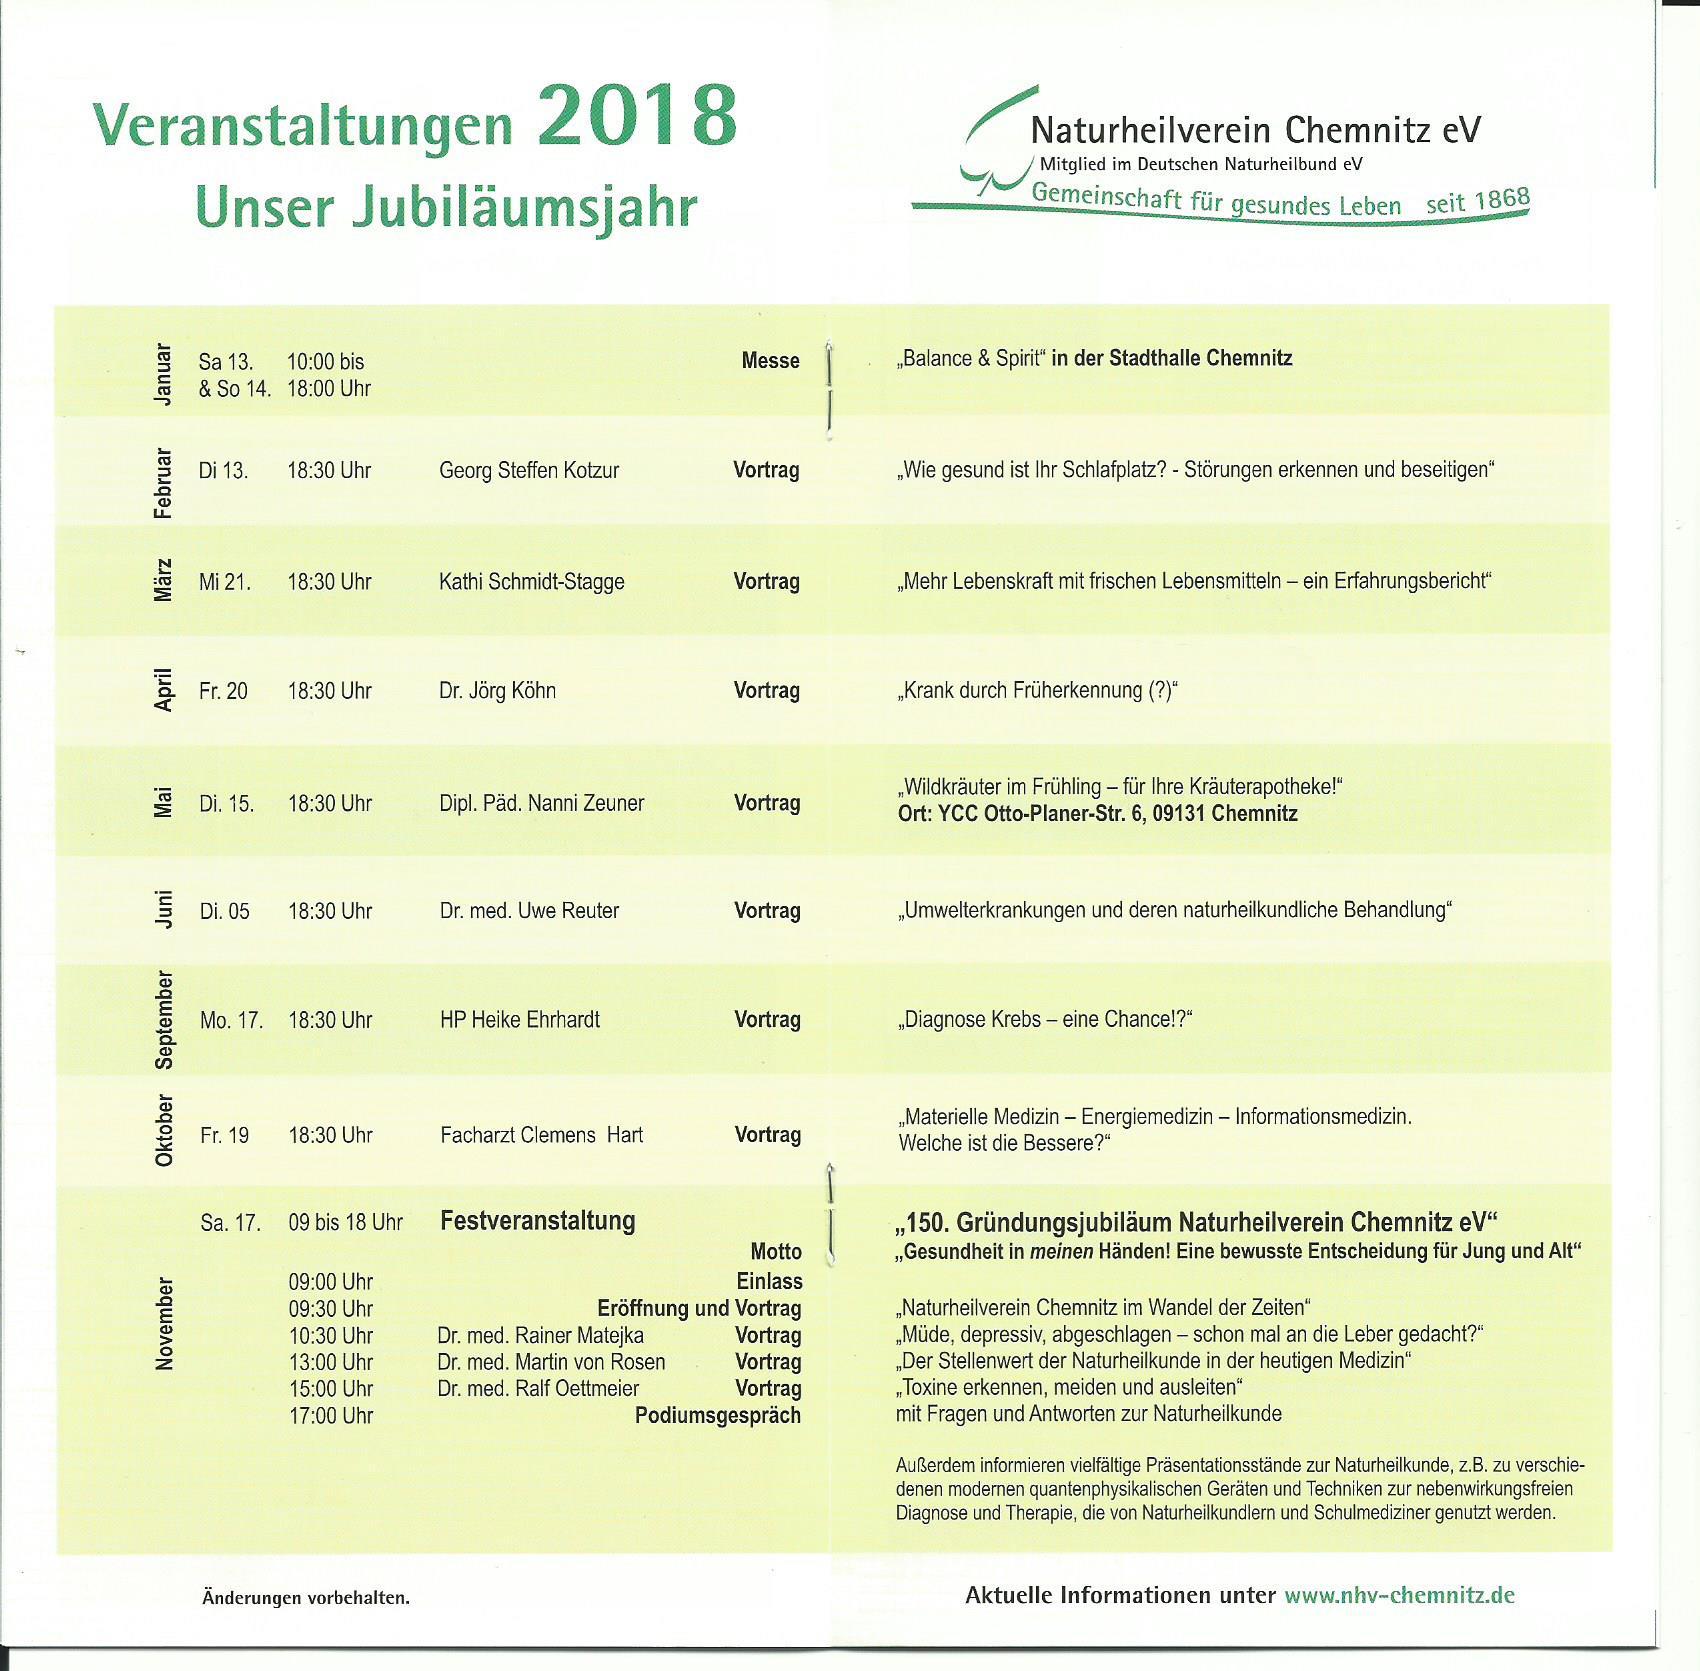 Im Jubiläumsjahr Veranstaltungsprogramm für das Jahr 2018